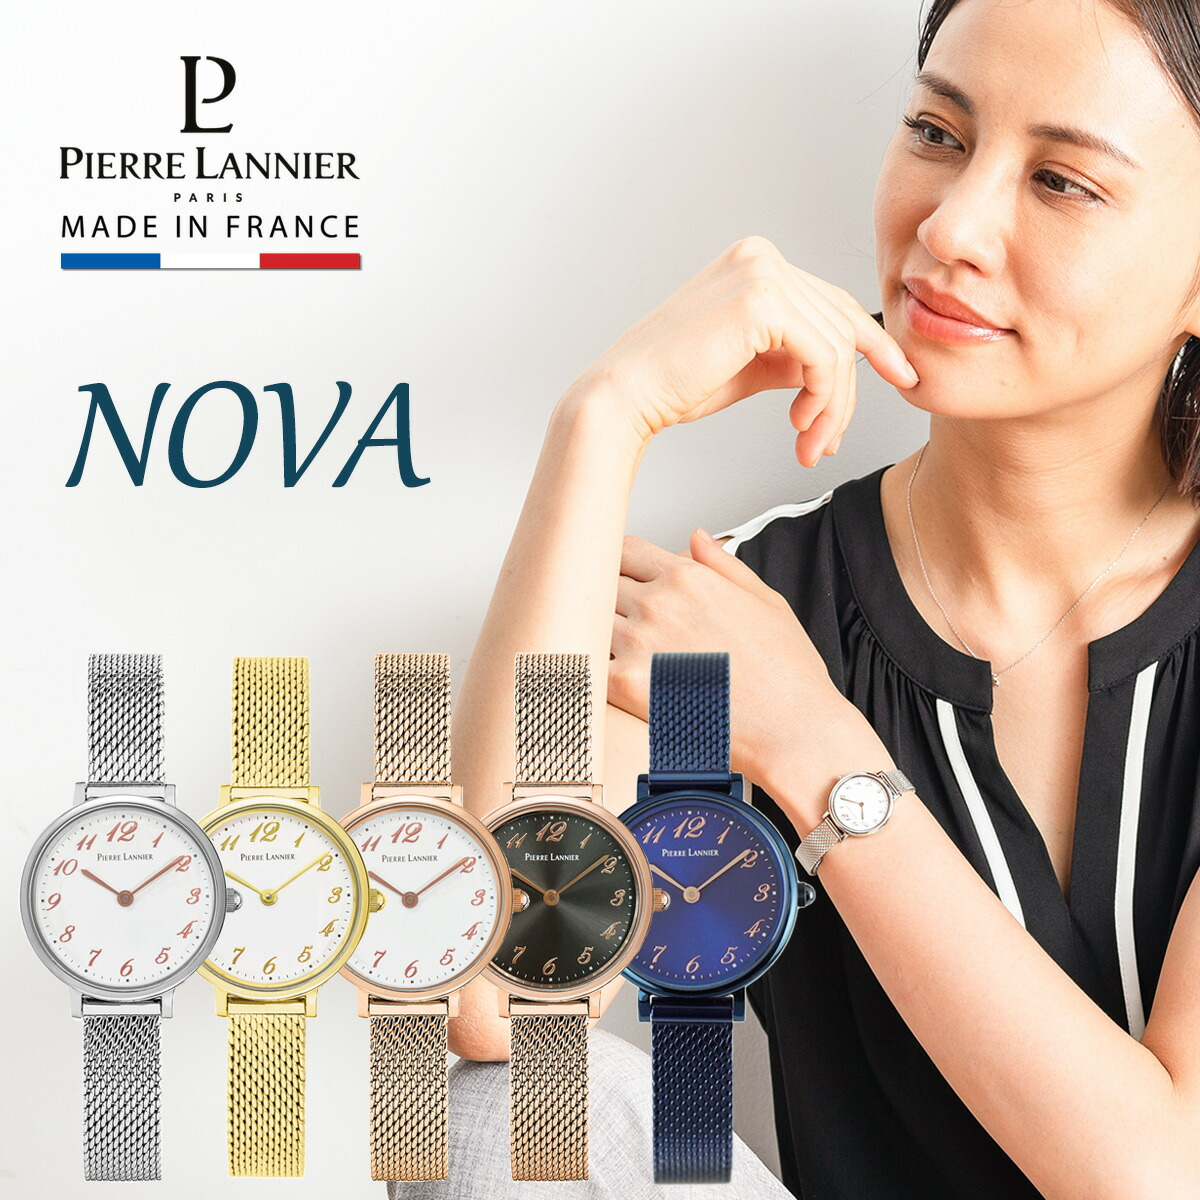 腕時計 レディース ブランド ピエールラニエ ノバ NOVA メッシュベルト ウォッチ 小さめ